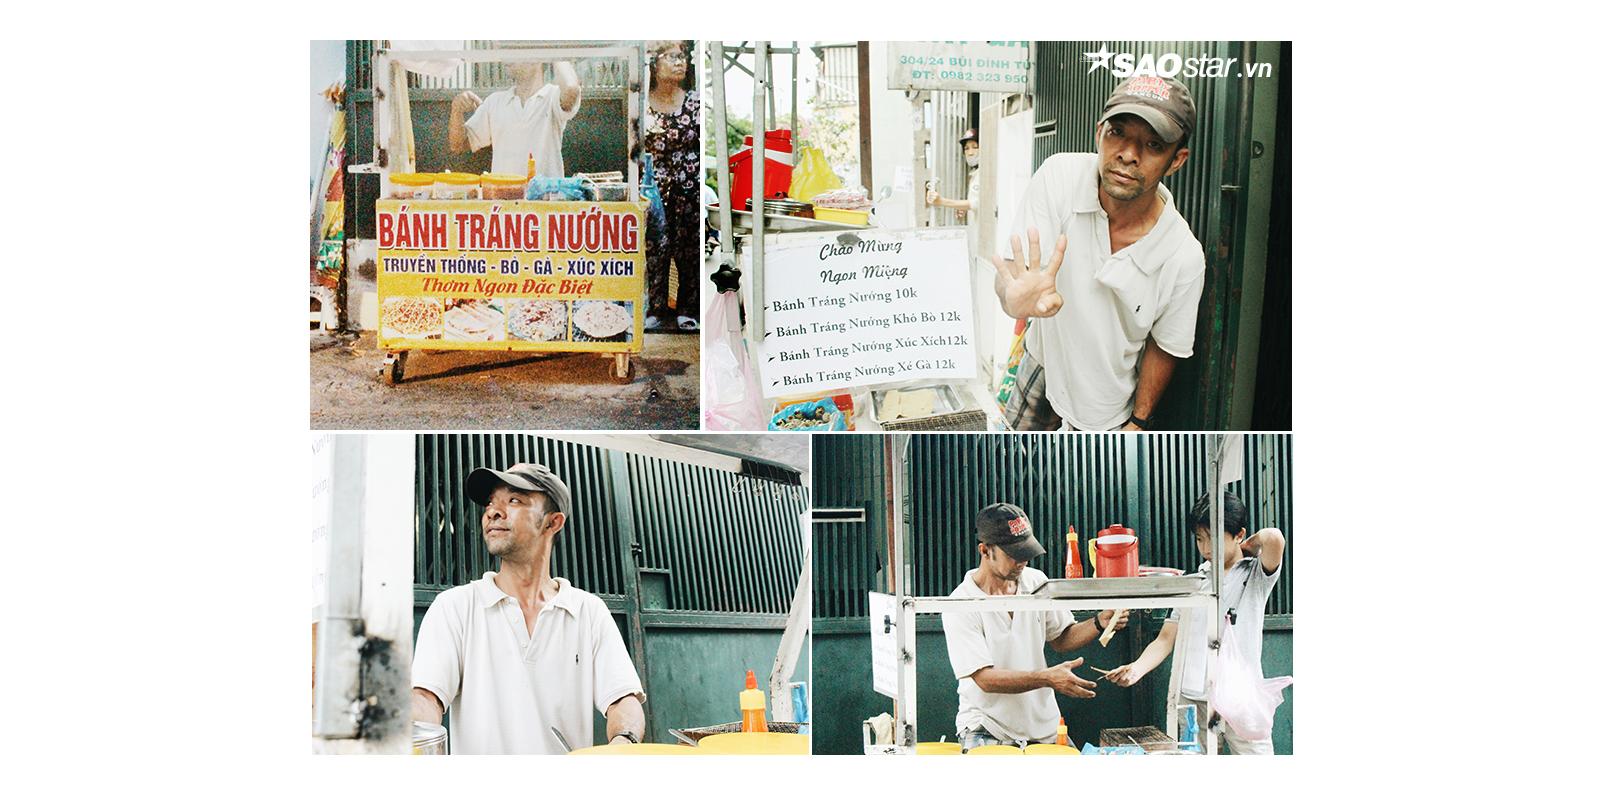 Người đàn ông câm điếc bán bánh tráng nướng và lòng tốt 'biếu không' từ những người dưng